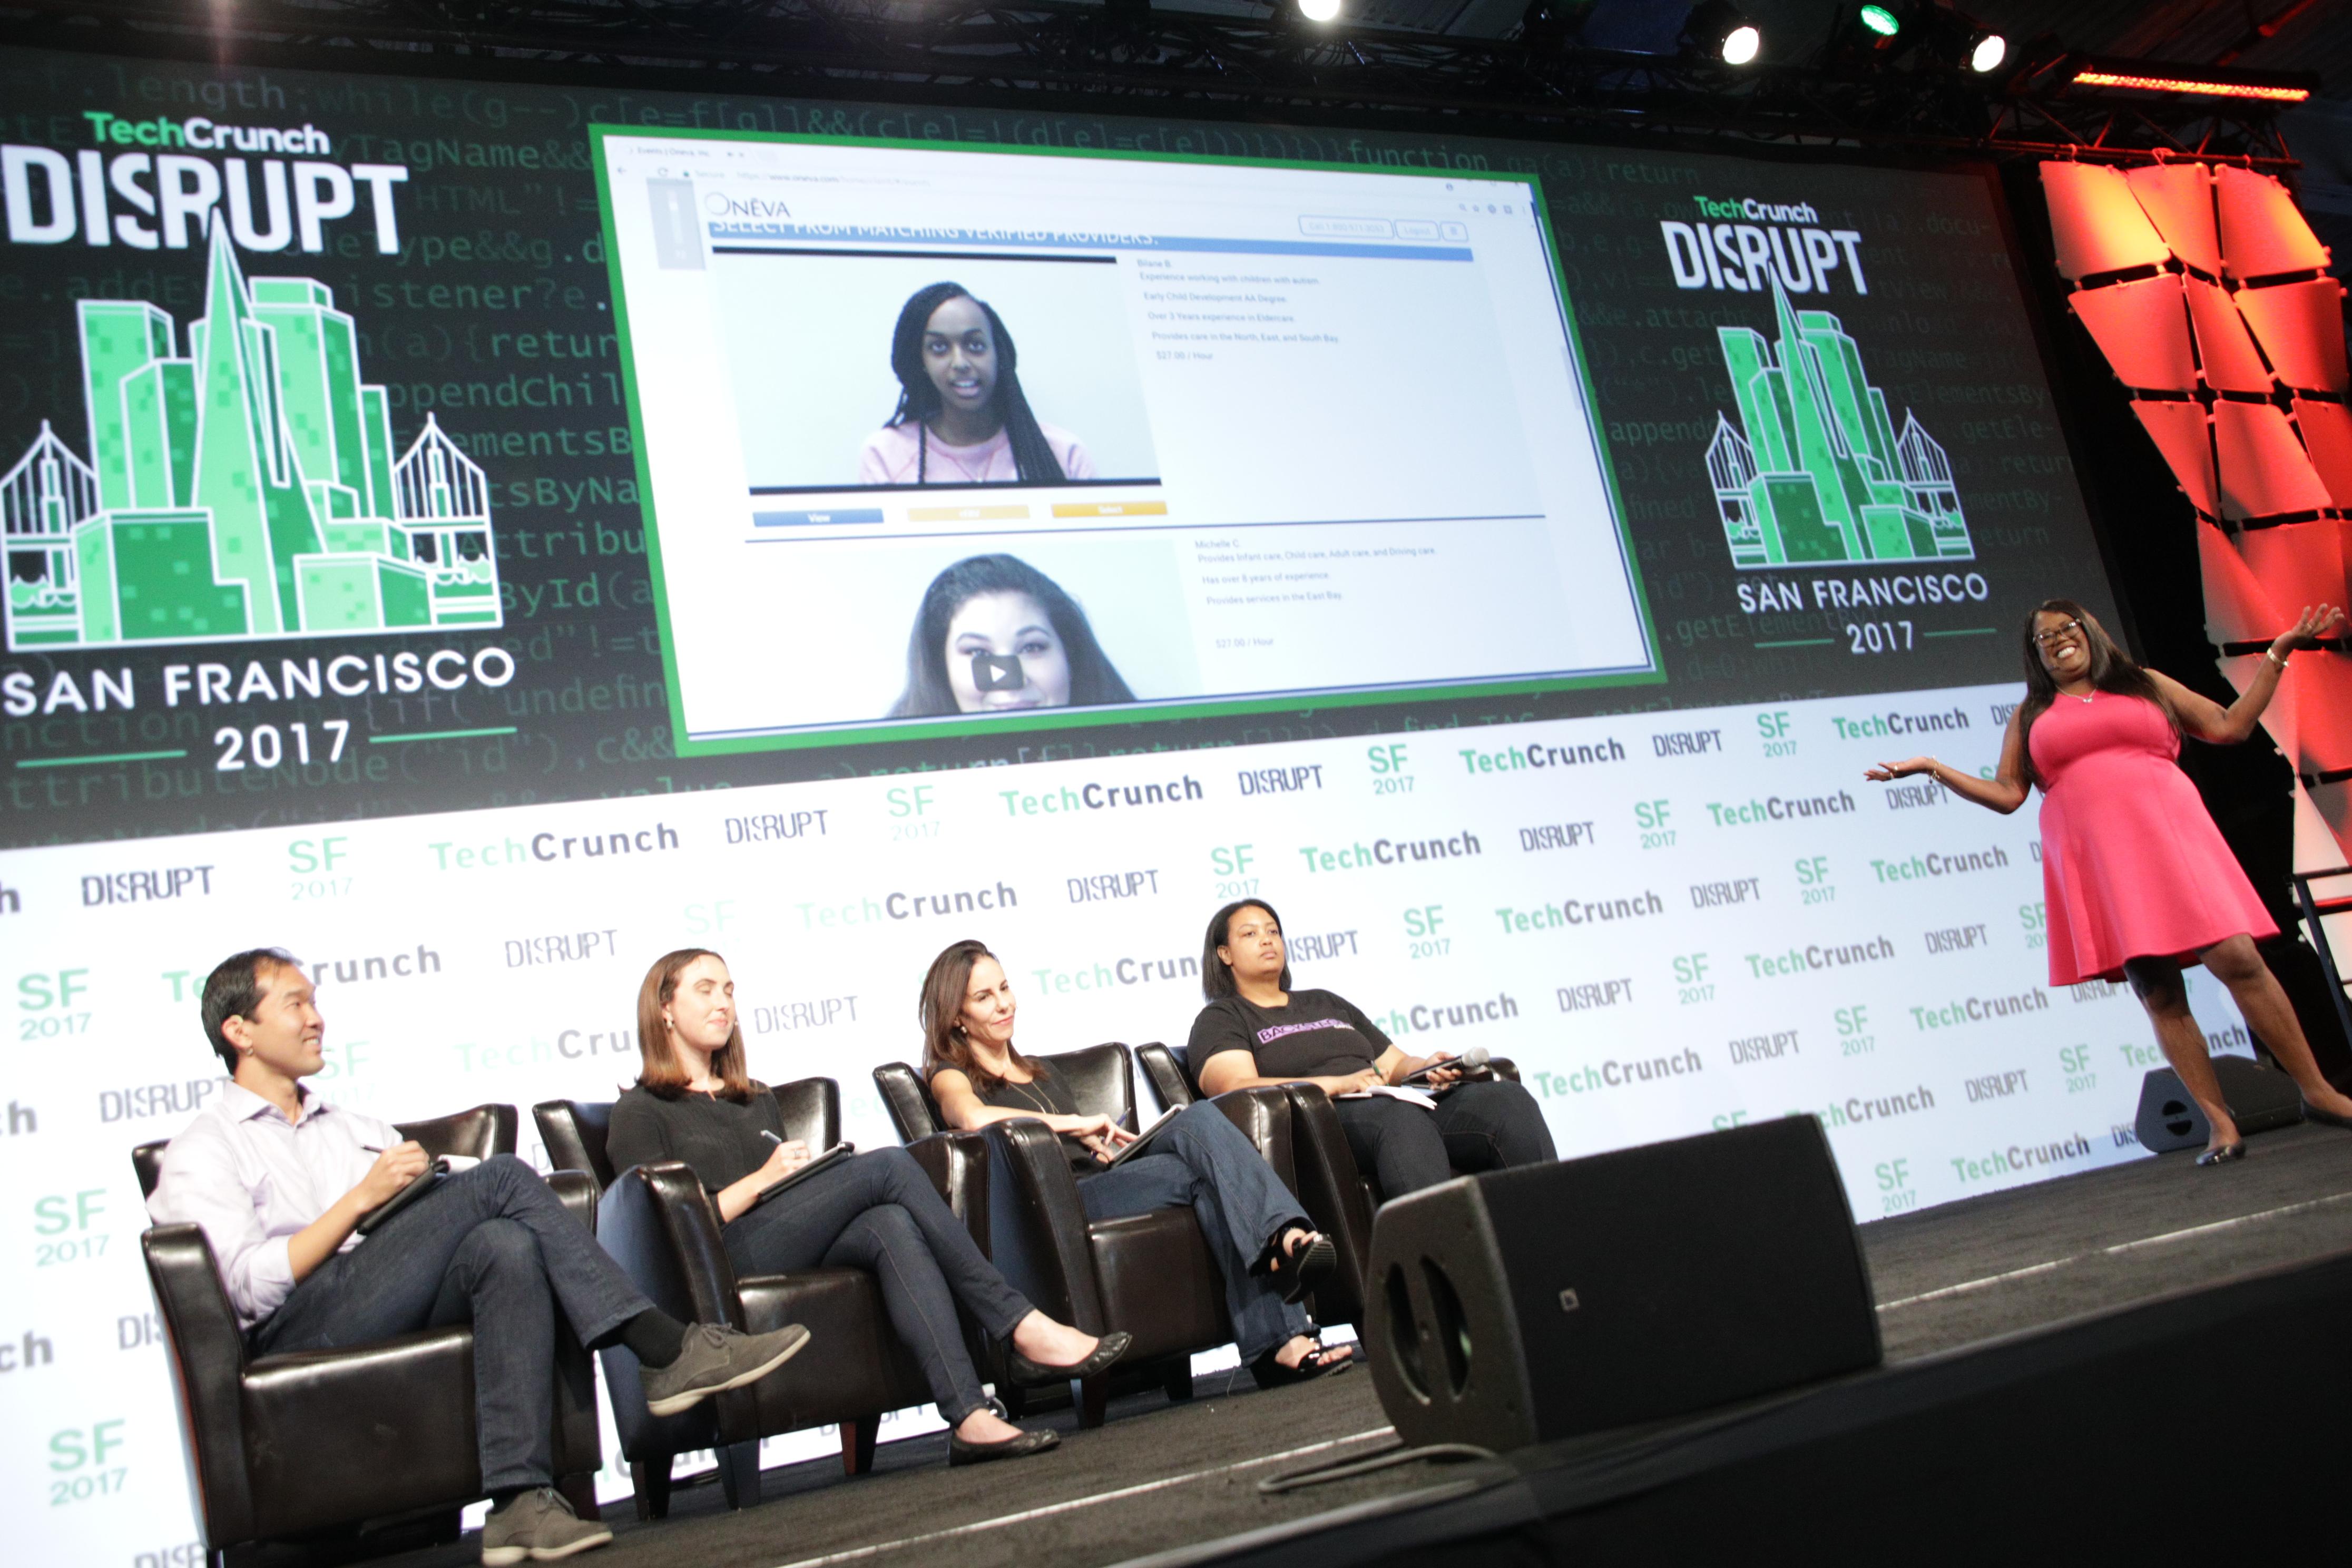 https://techcrunch.com/wp-content/uploads/2017/09/oneva-147a3556.jpg